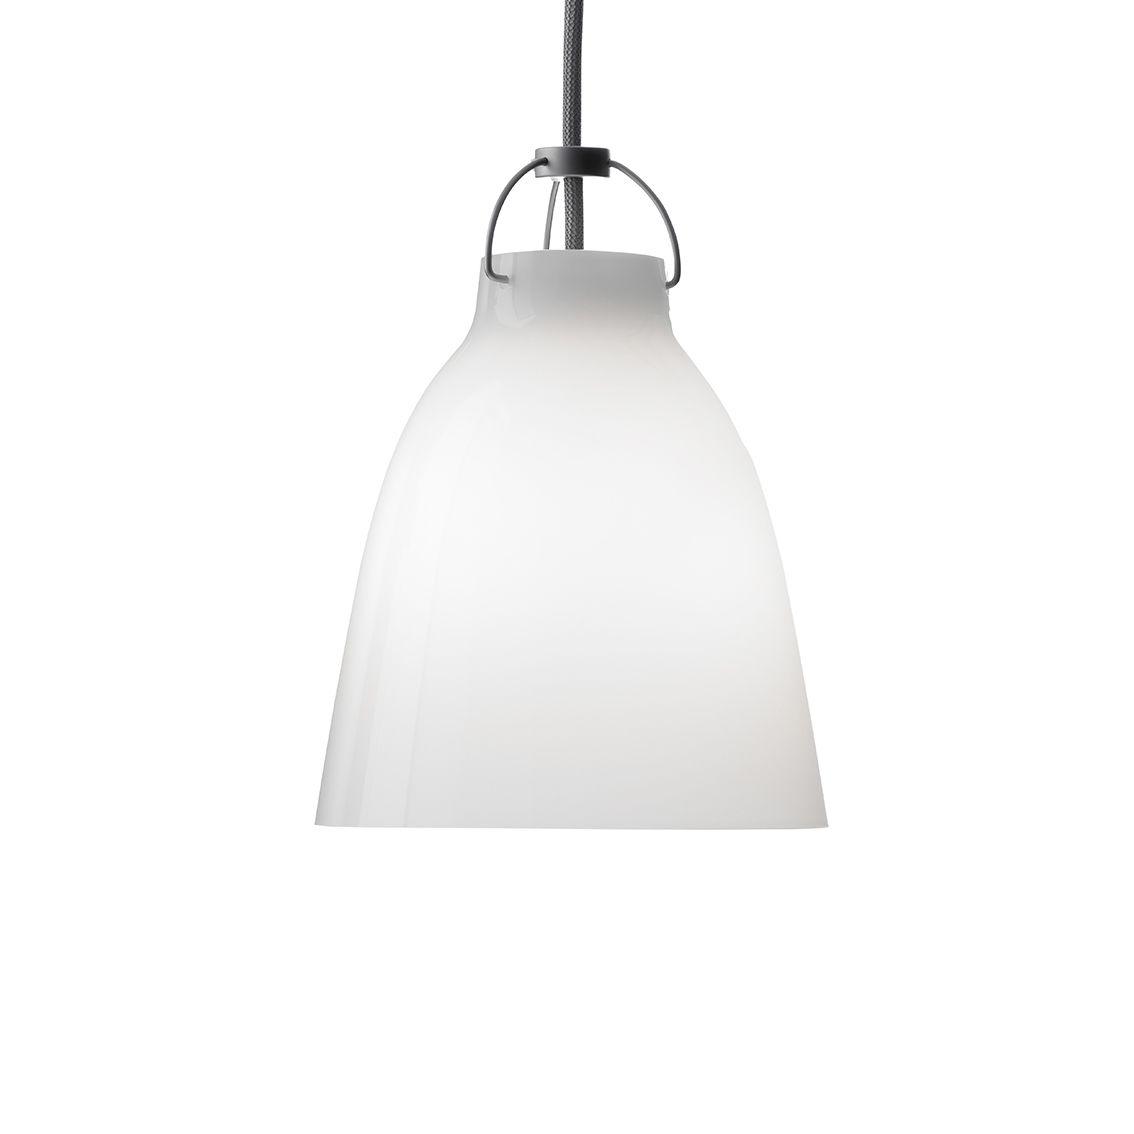 Caravaggio hanglamp Lightyears Ø16 opaal